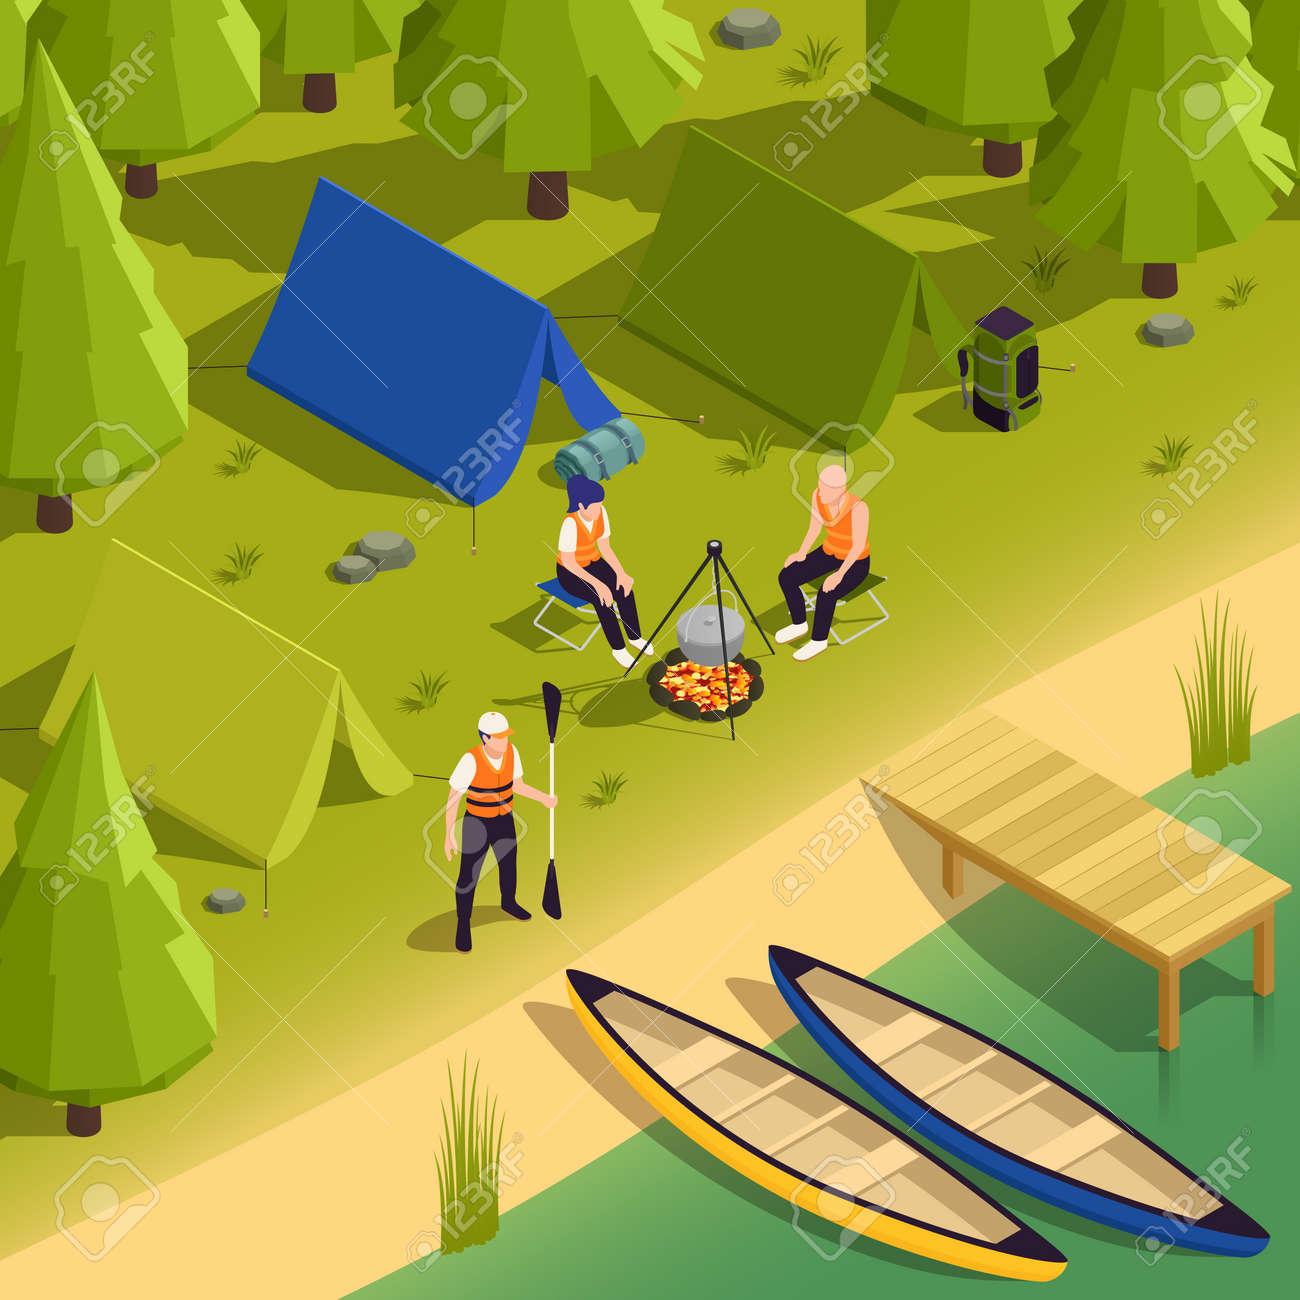 Canoeing Kayaking Campsite Isometric View - 171636029